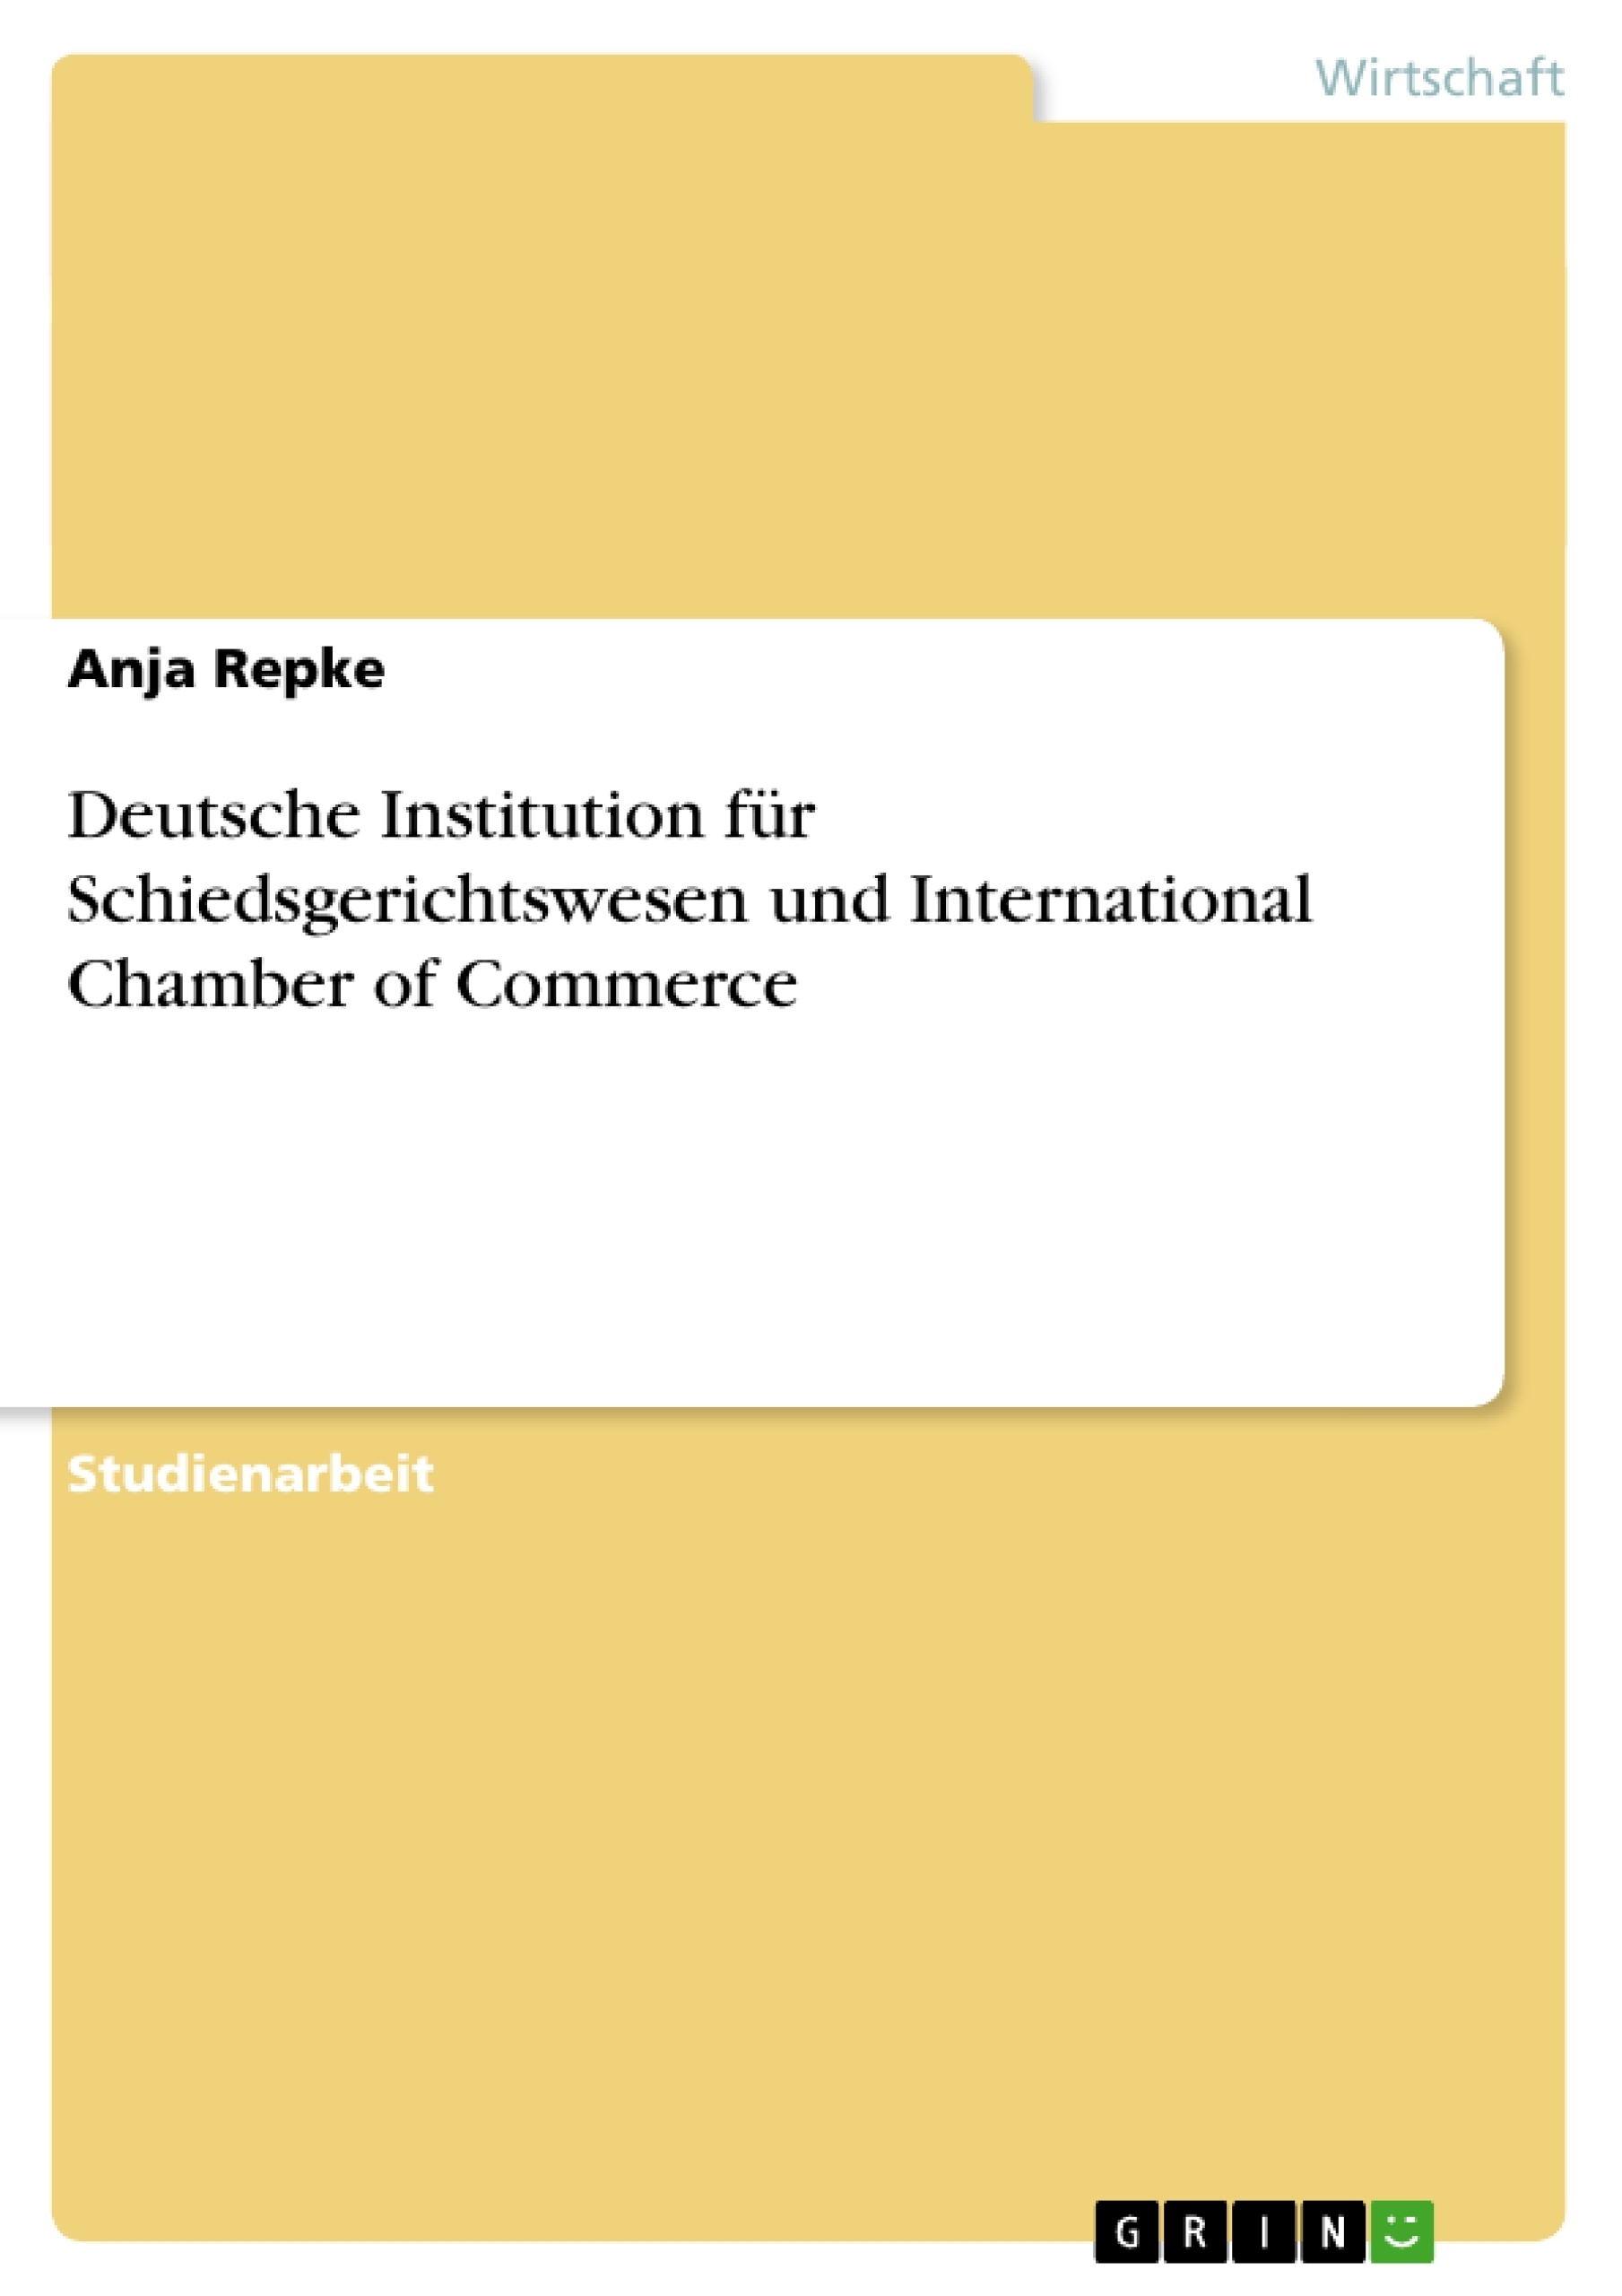 Titel: Deutsche Institution für Schiedsgerichtswesen und International Chamber of Commerce